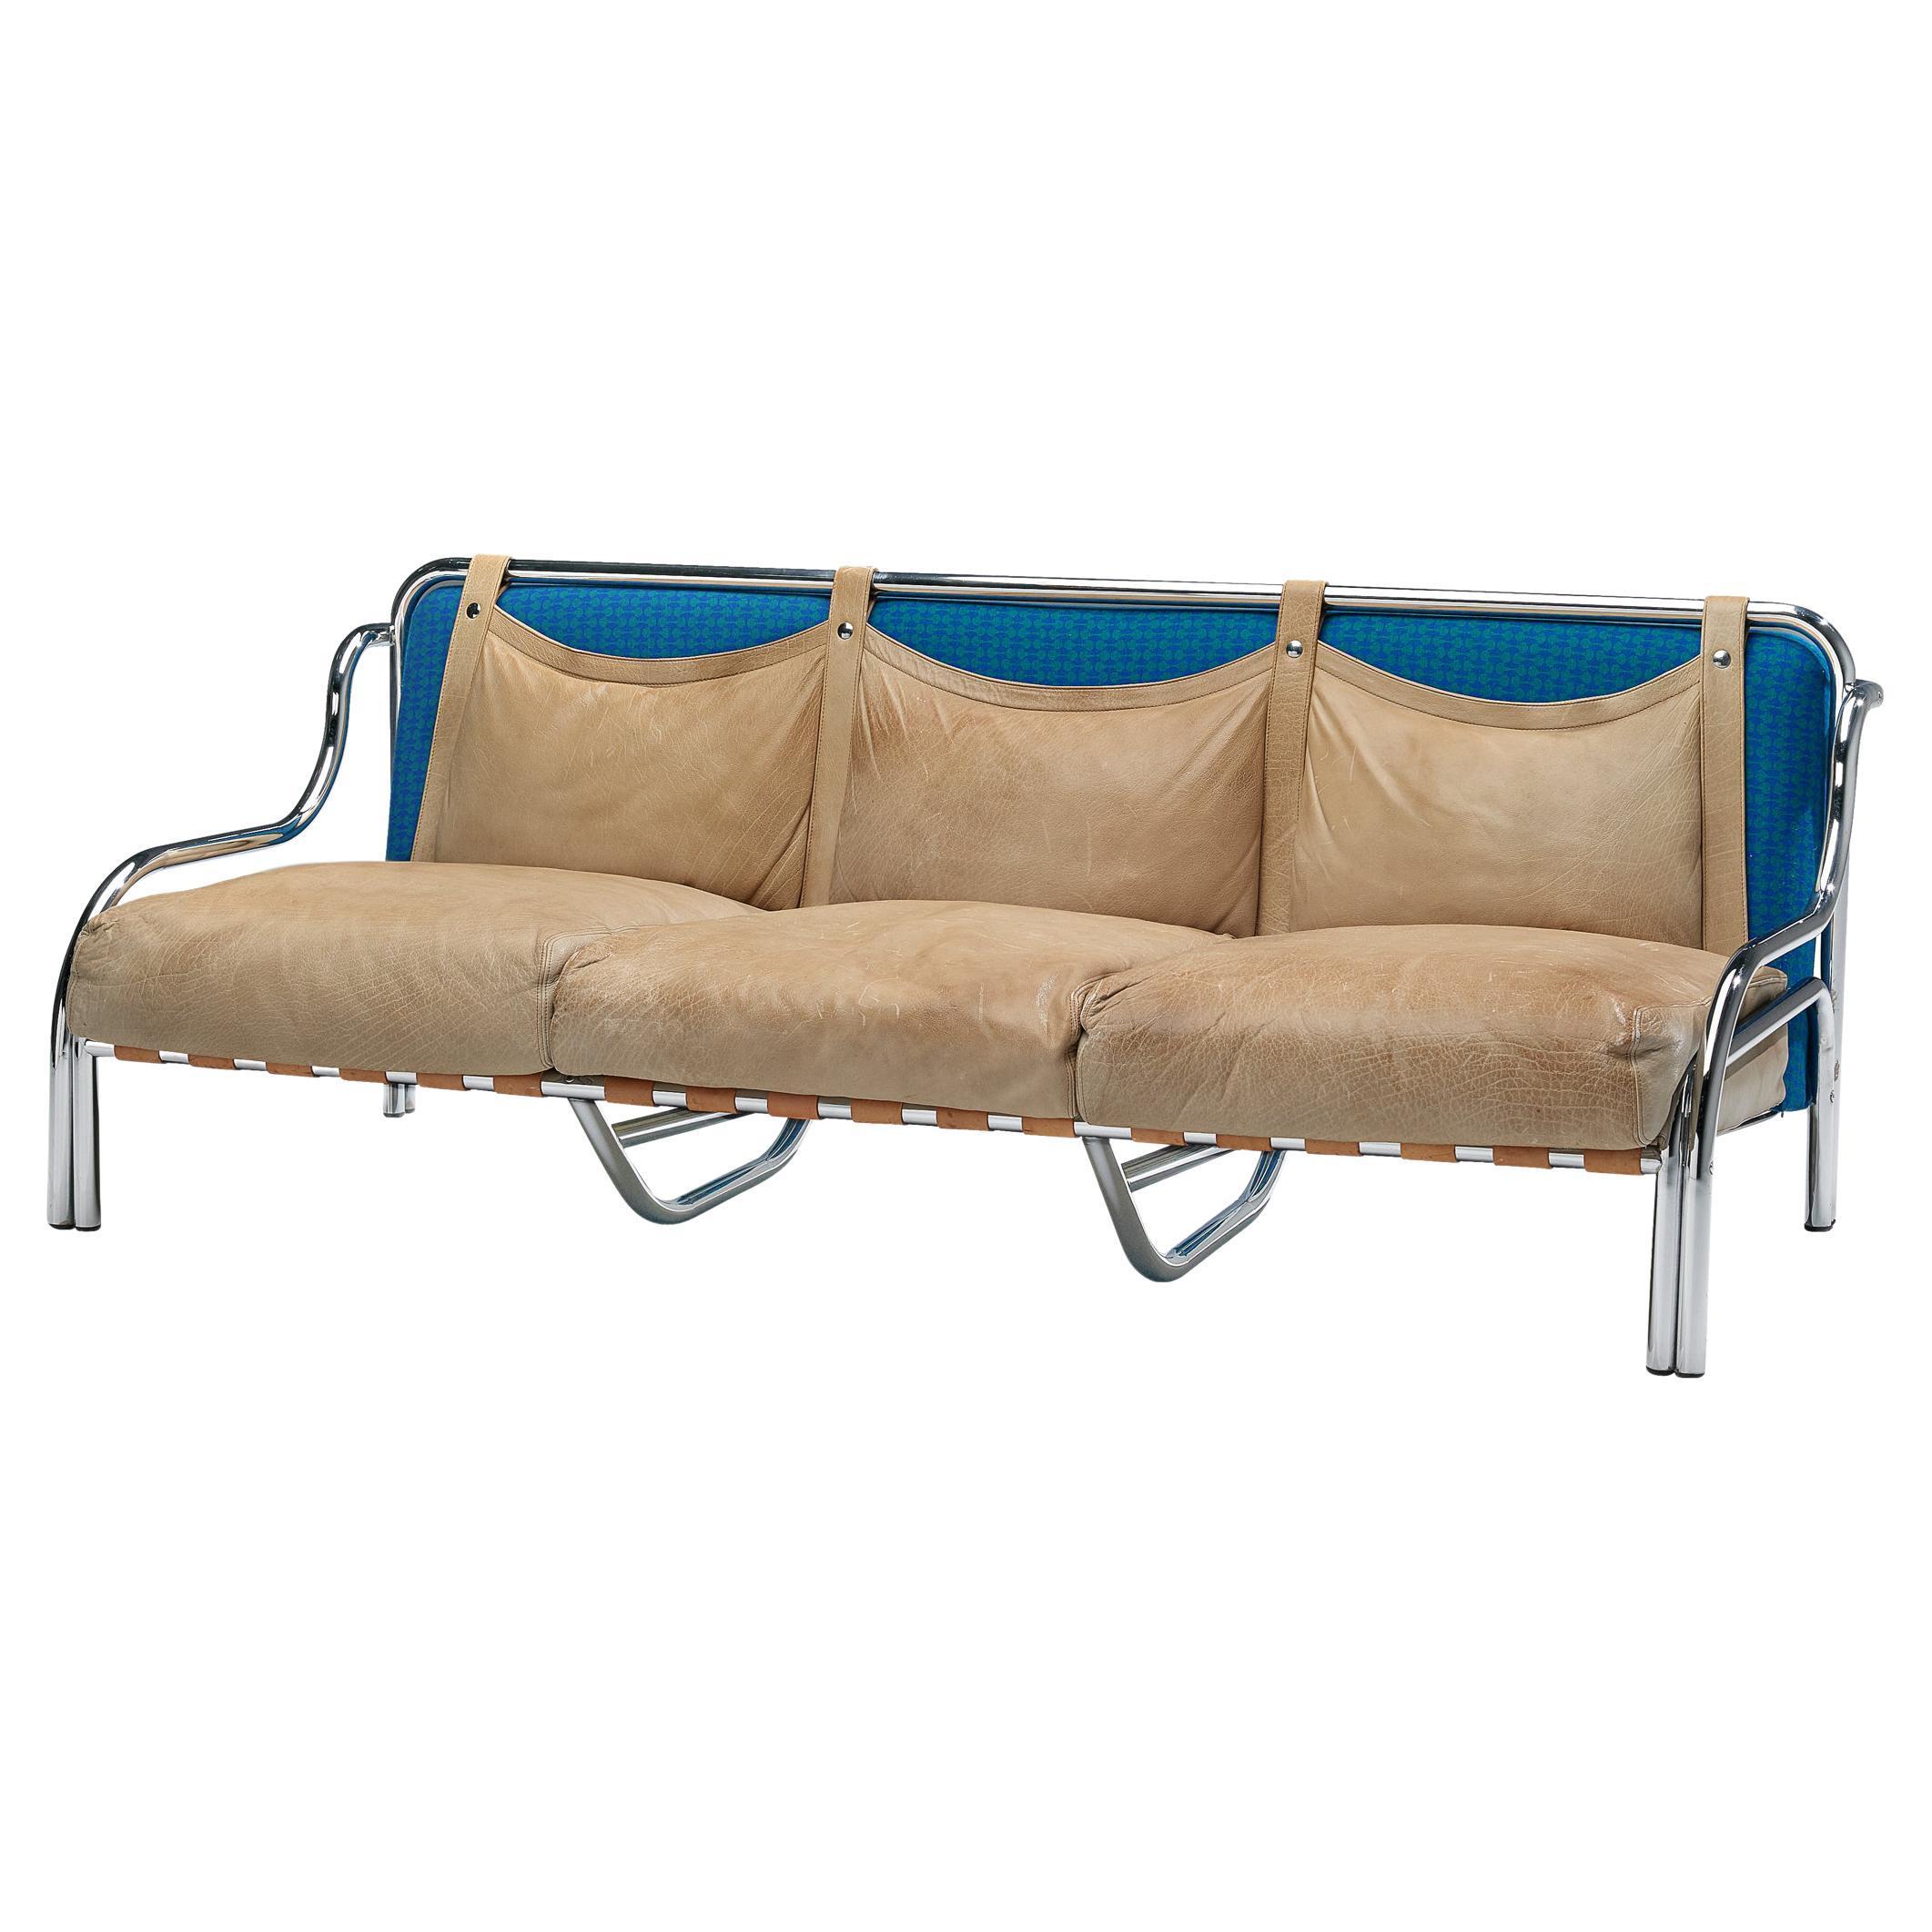 Gae Aulenti for Poltronova 'Stringa' Sofa